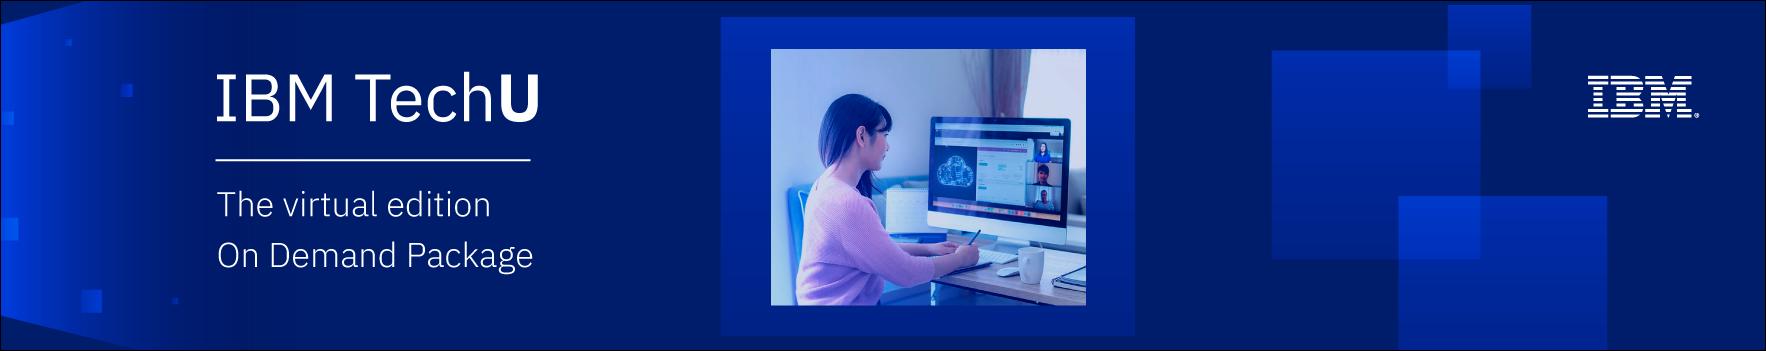 2020 IBM TechU, the virtual edition